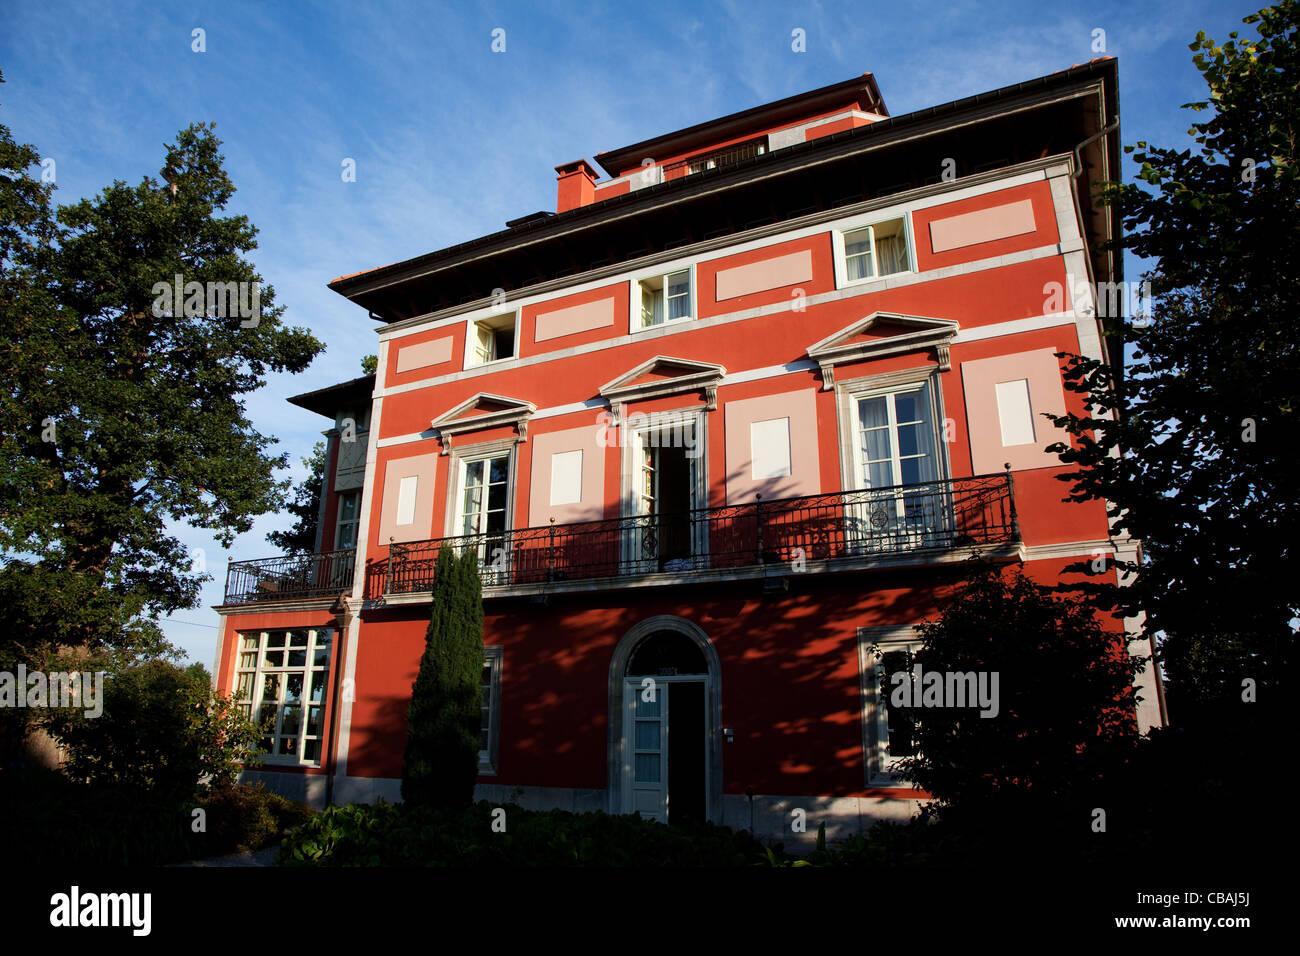 hotel Casona de la Paca in Cudillero, Asturias, Spain - Stock Image